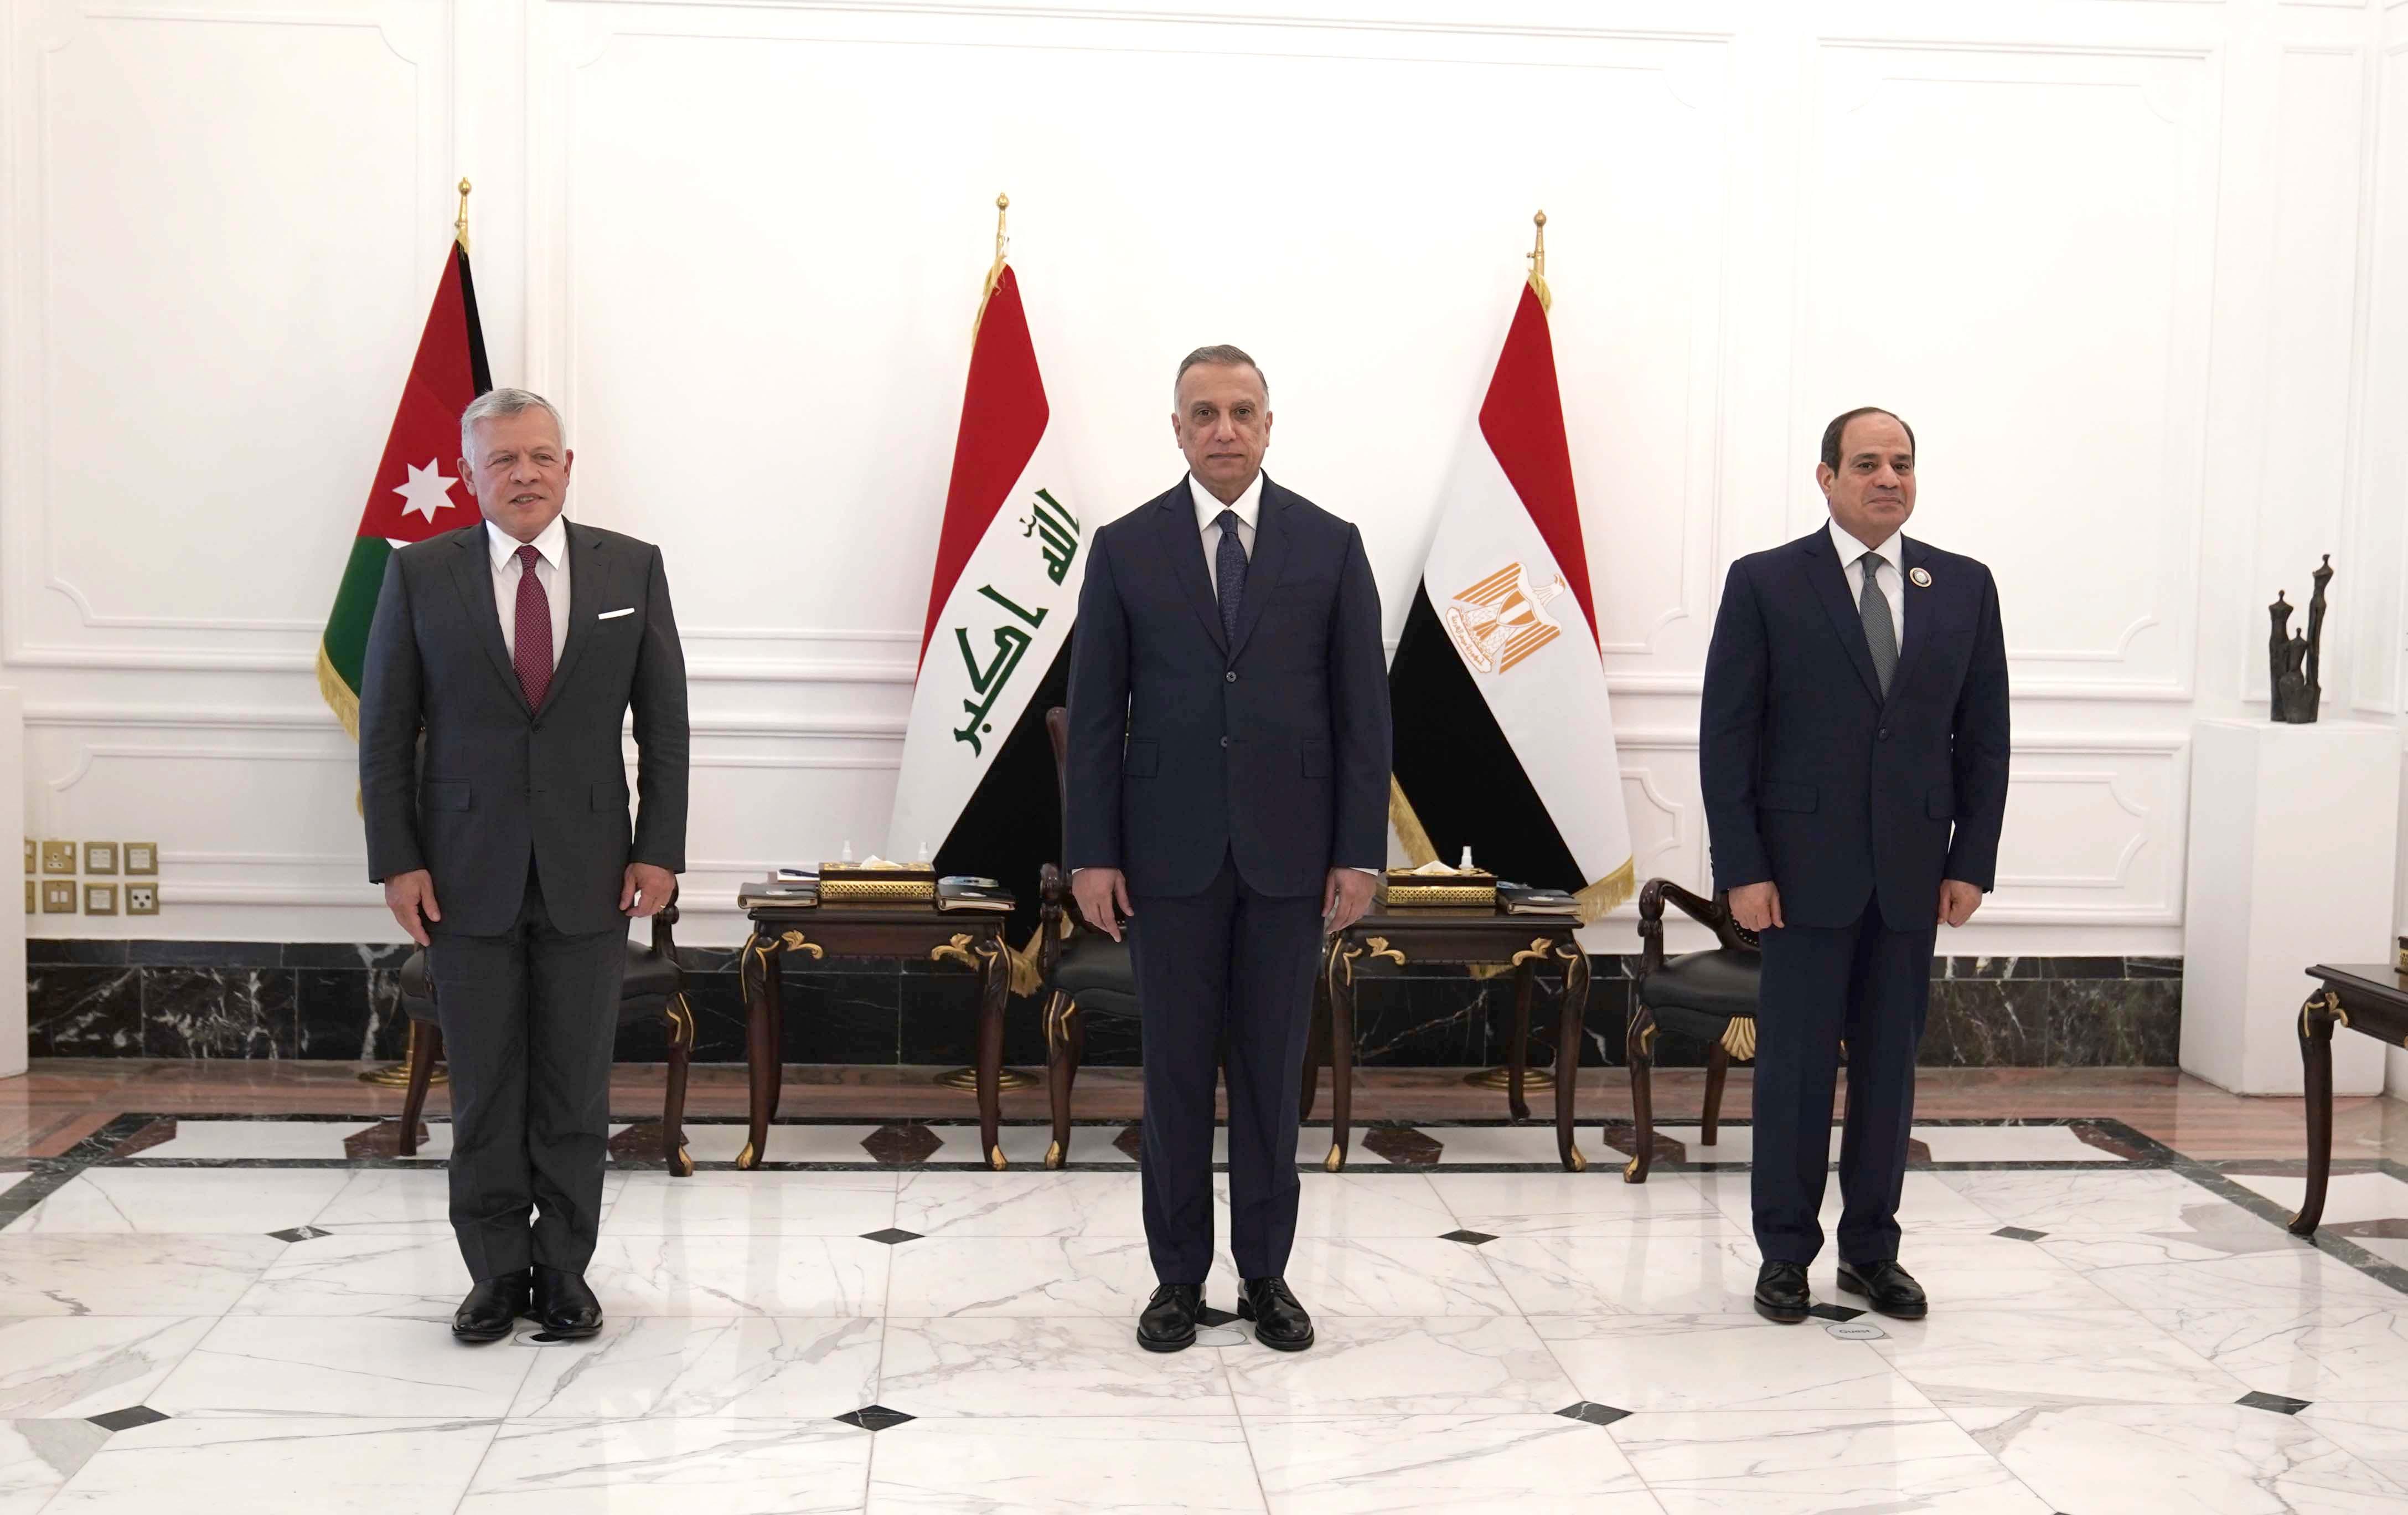 قمة دول جوار العراق .. السياقات والأهداف والتداعيات